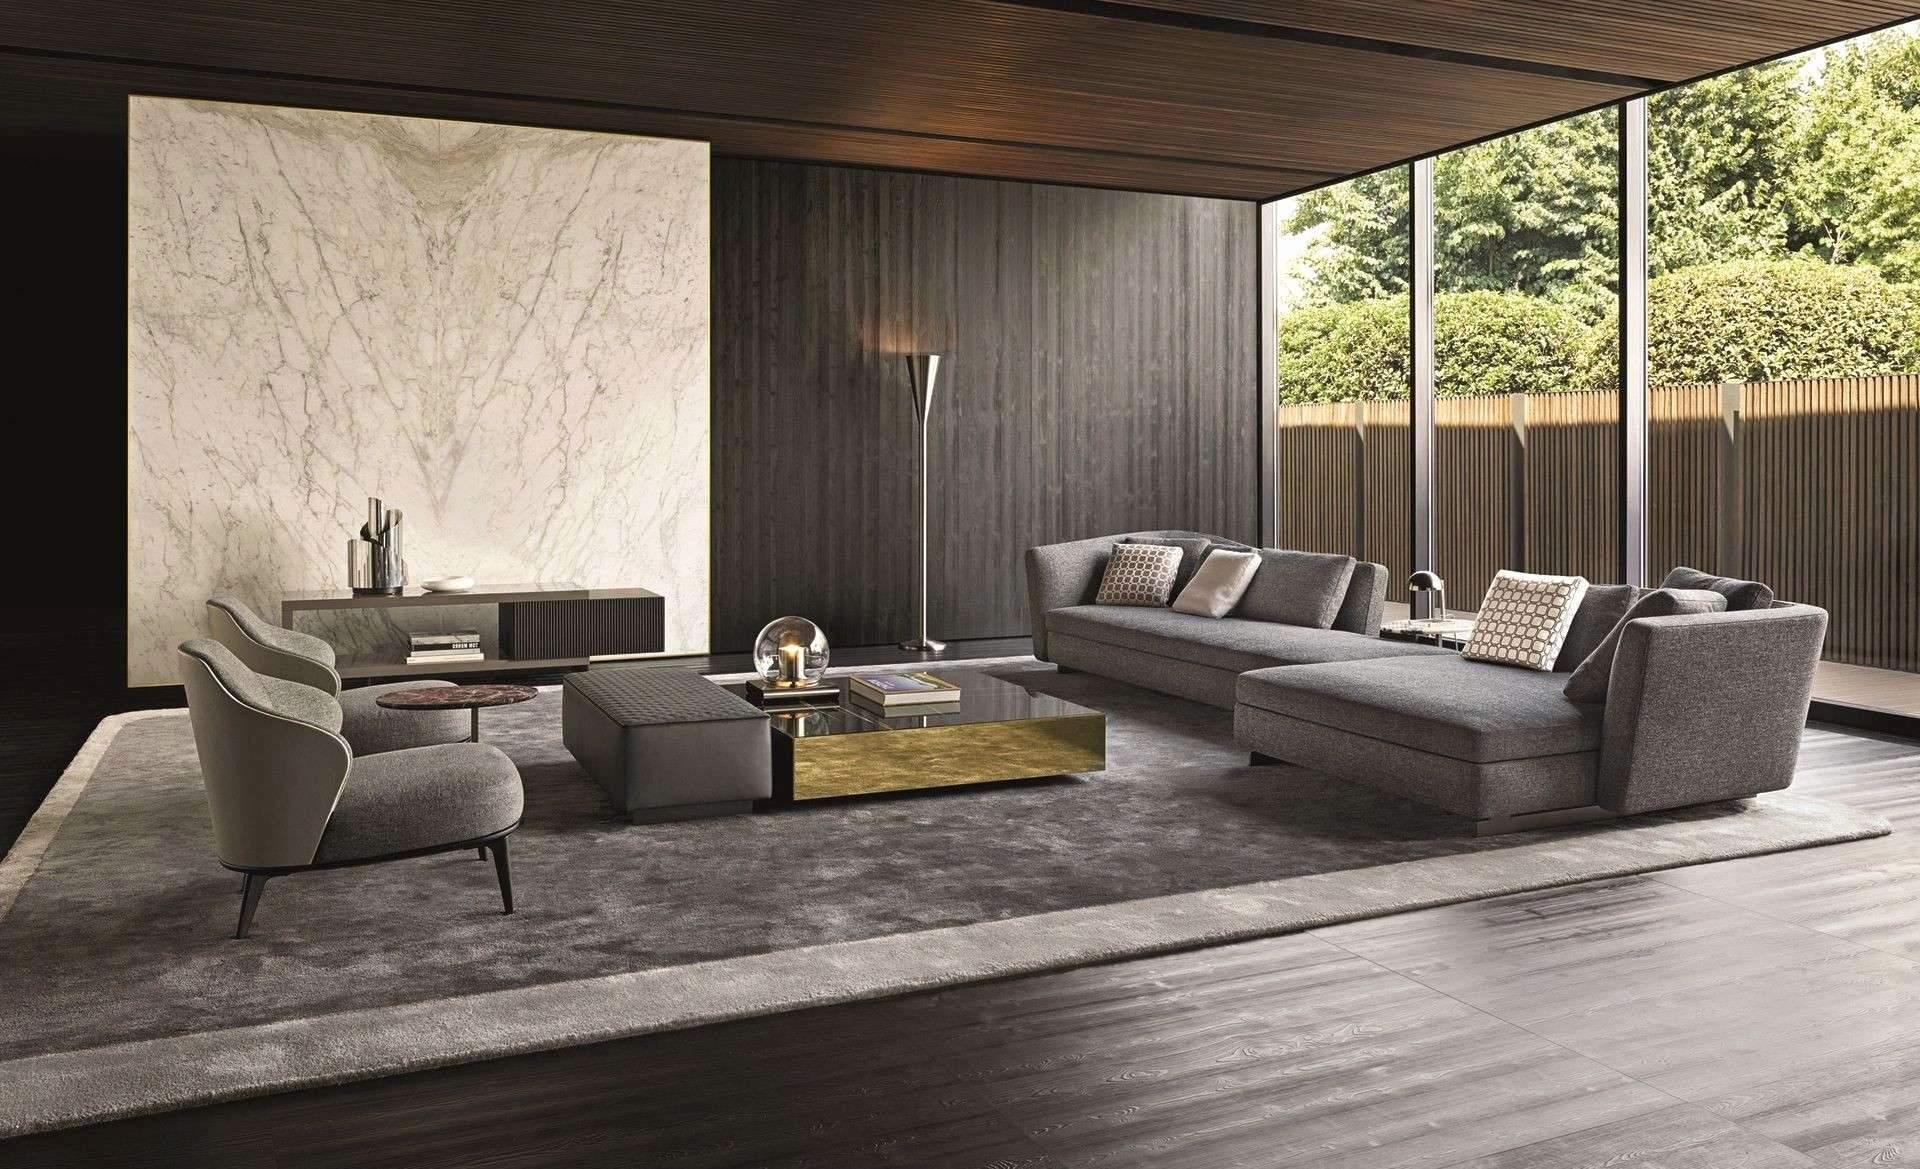 deko wohnzimmer modern inspirierend mobel fur wohnzimmer inspirierend wohnzimmer deko ideen of deko wohnzimmer modern